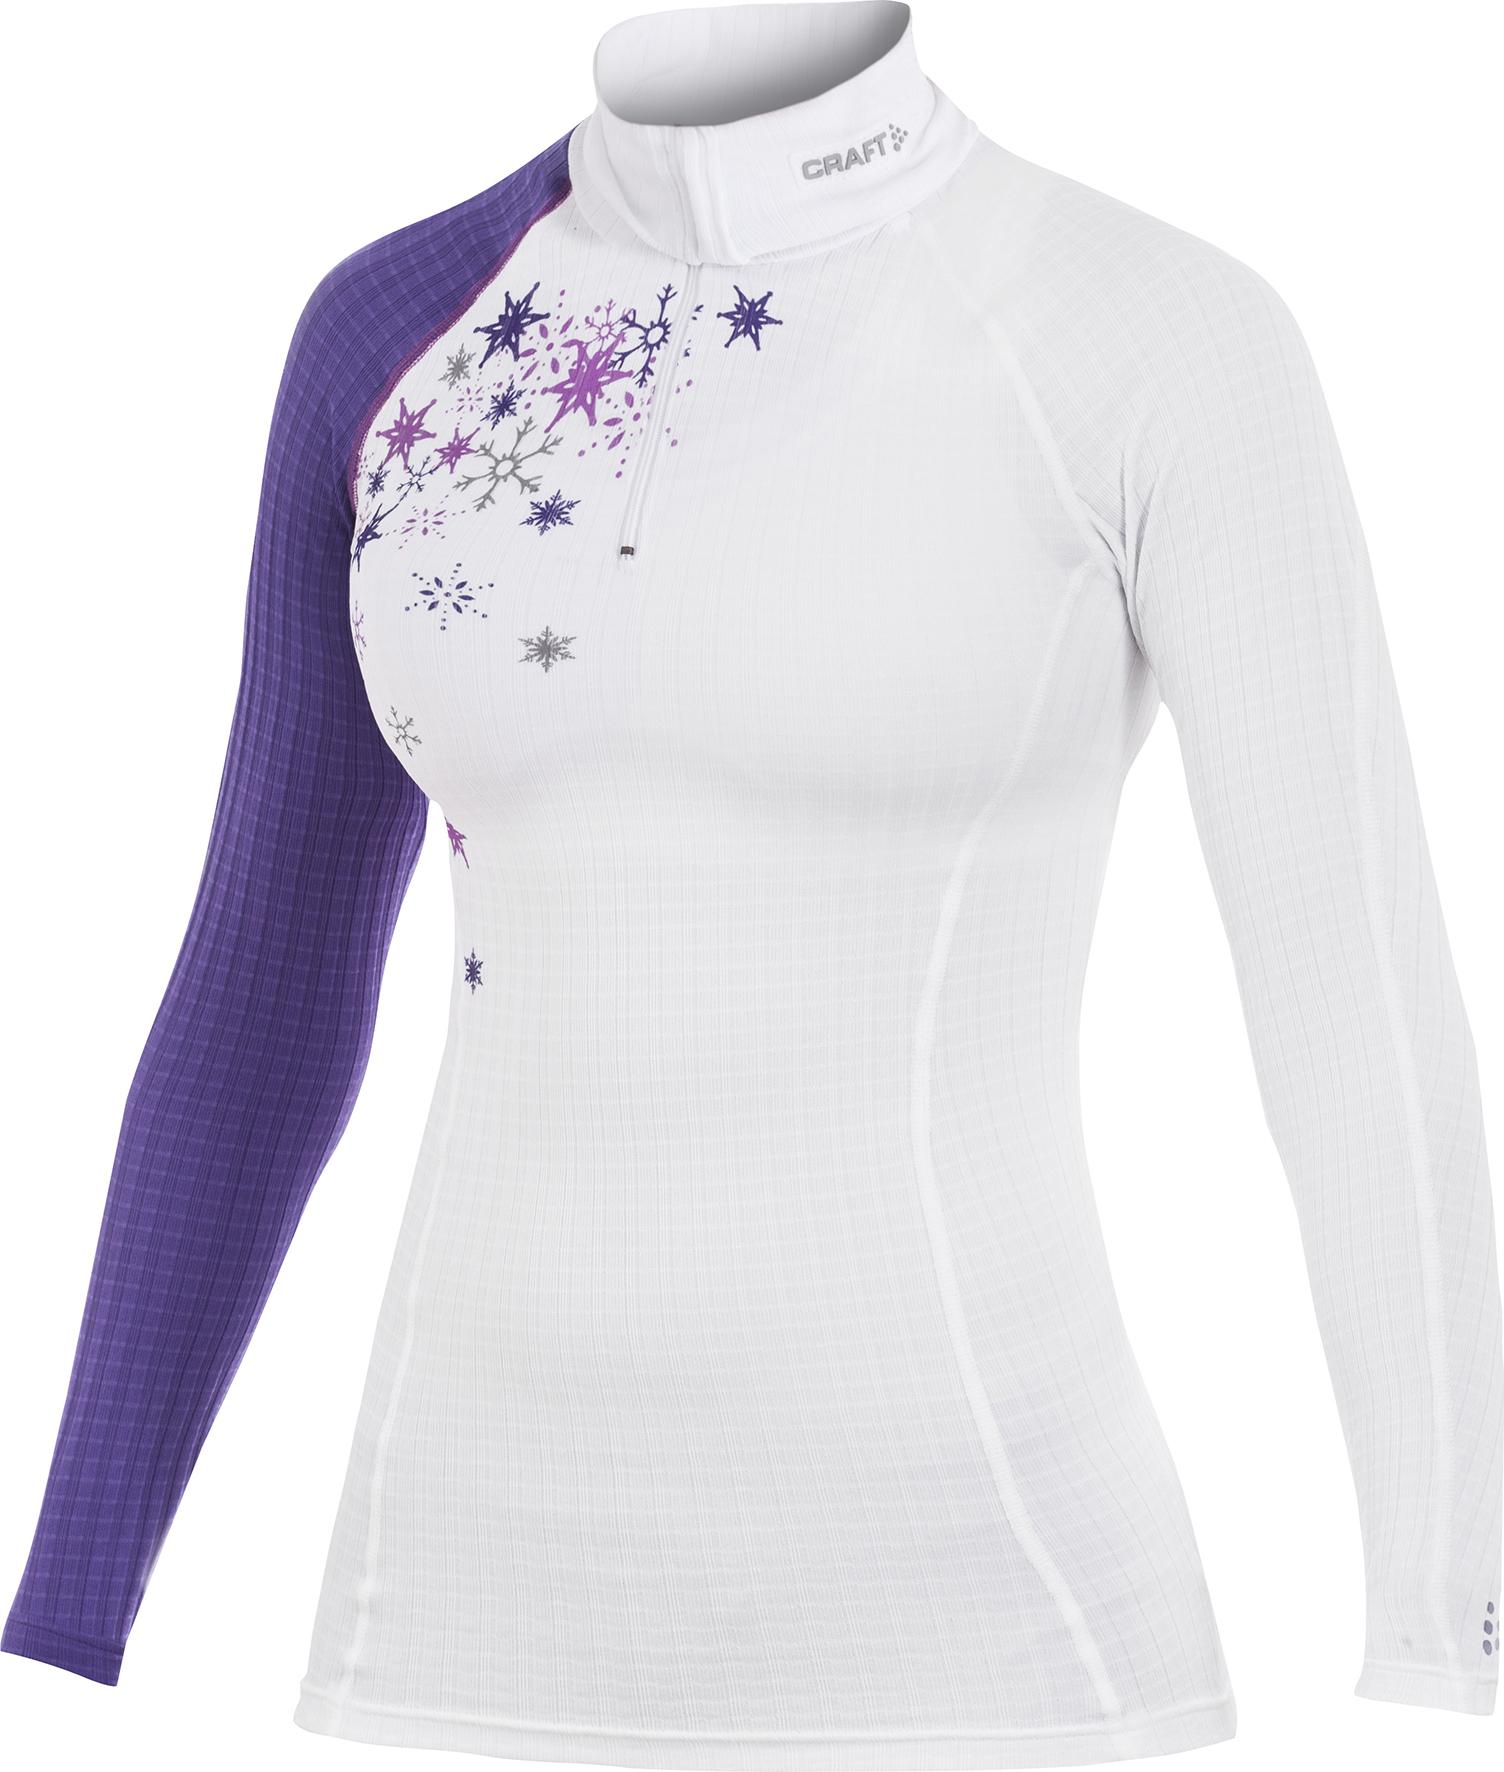 Термобелье Рубашка Craft Active Extreme женская фиолетовая